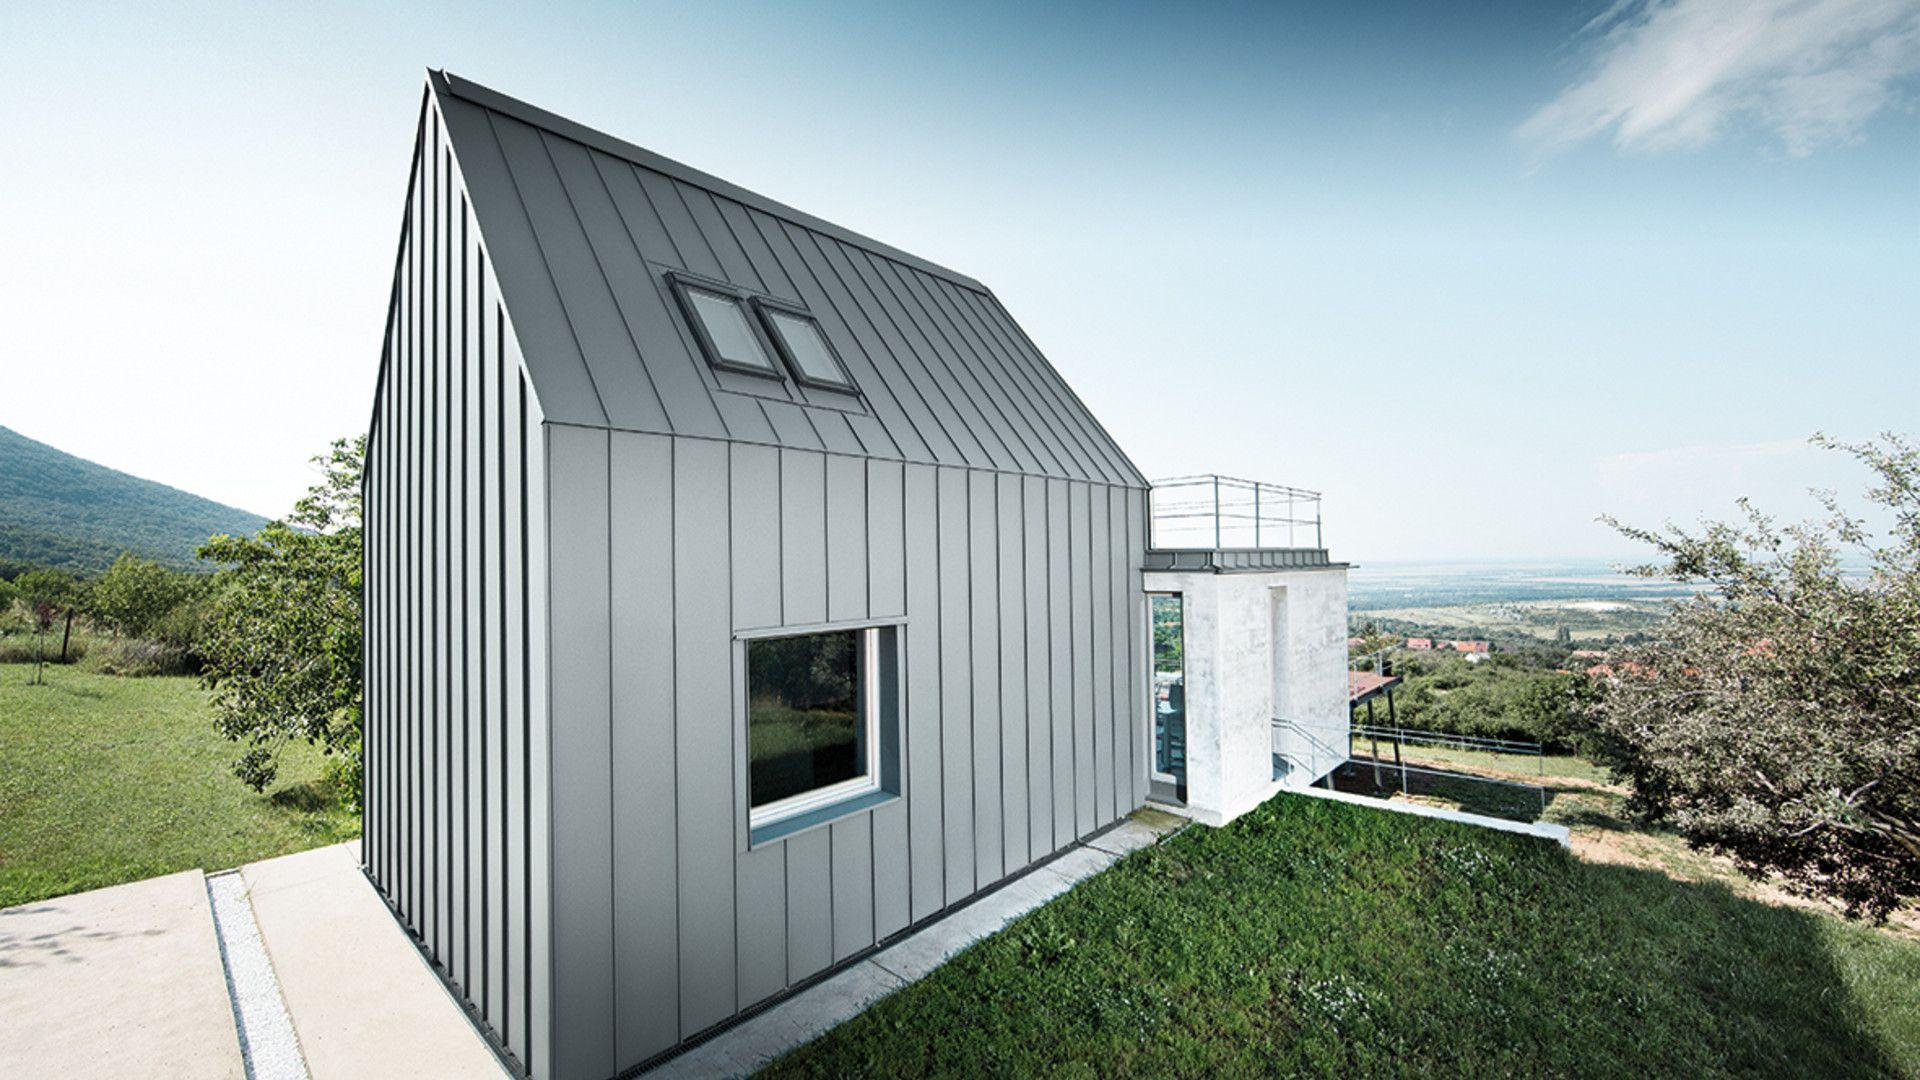 entdecken sie geb ude mit aluminium dach oder fassade von prefa ideen rund ums haus. Black Bedroom Furniture Sets. Home Design Ideas